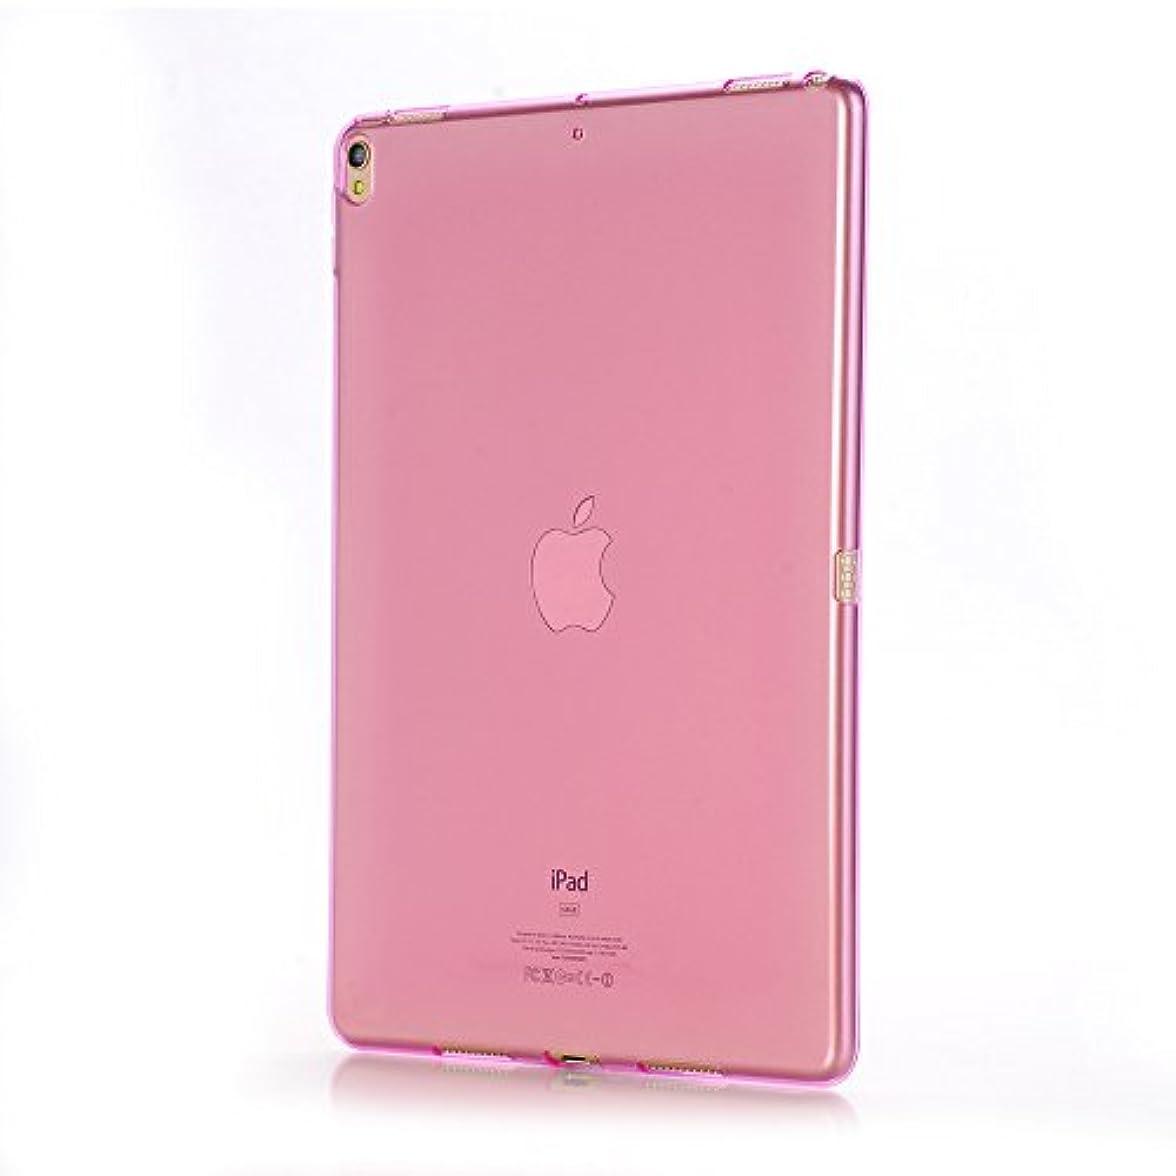 バターパフ決してE-COAST】新型iPad Air3 10.5 2019 / 新型 iPad Pro 10.5 2017専用ケース 保護カバー TPUケース クリア ソフト 超薄い 色選択可能 液晶フィルム付 (ピンク)